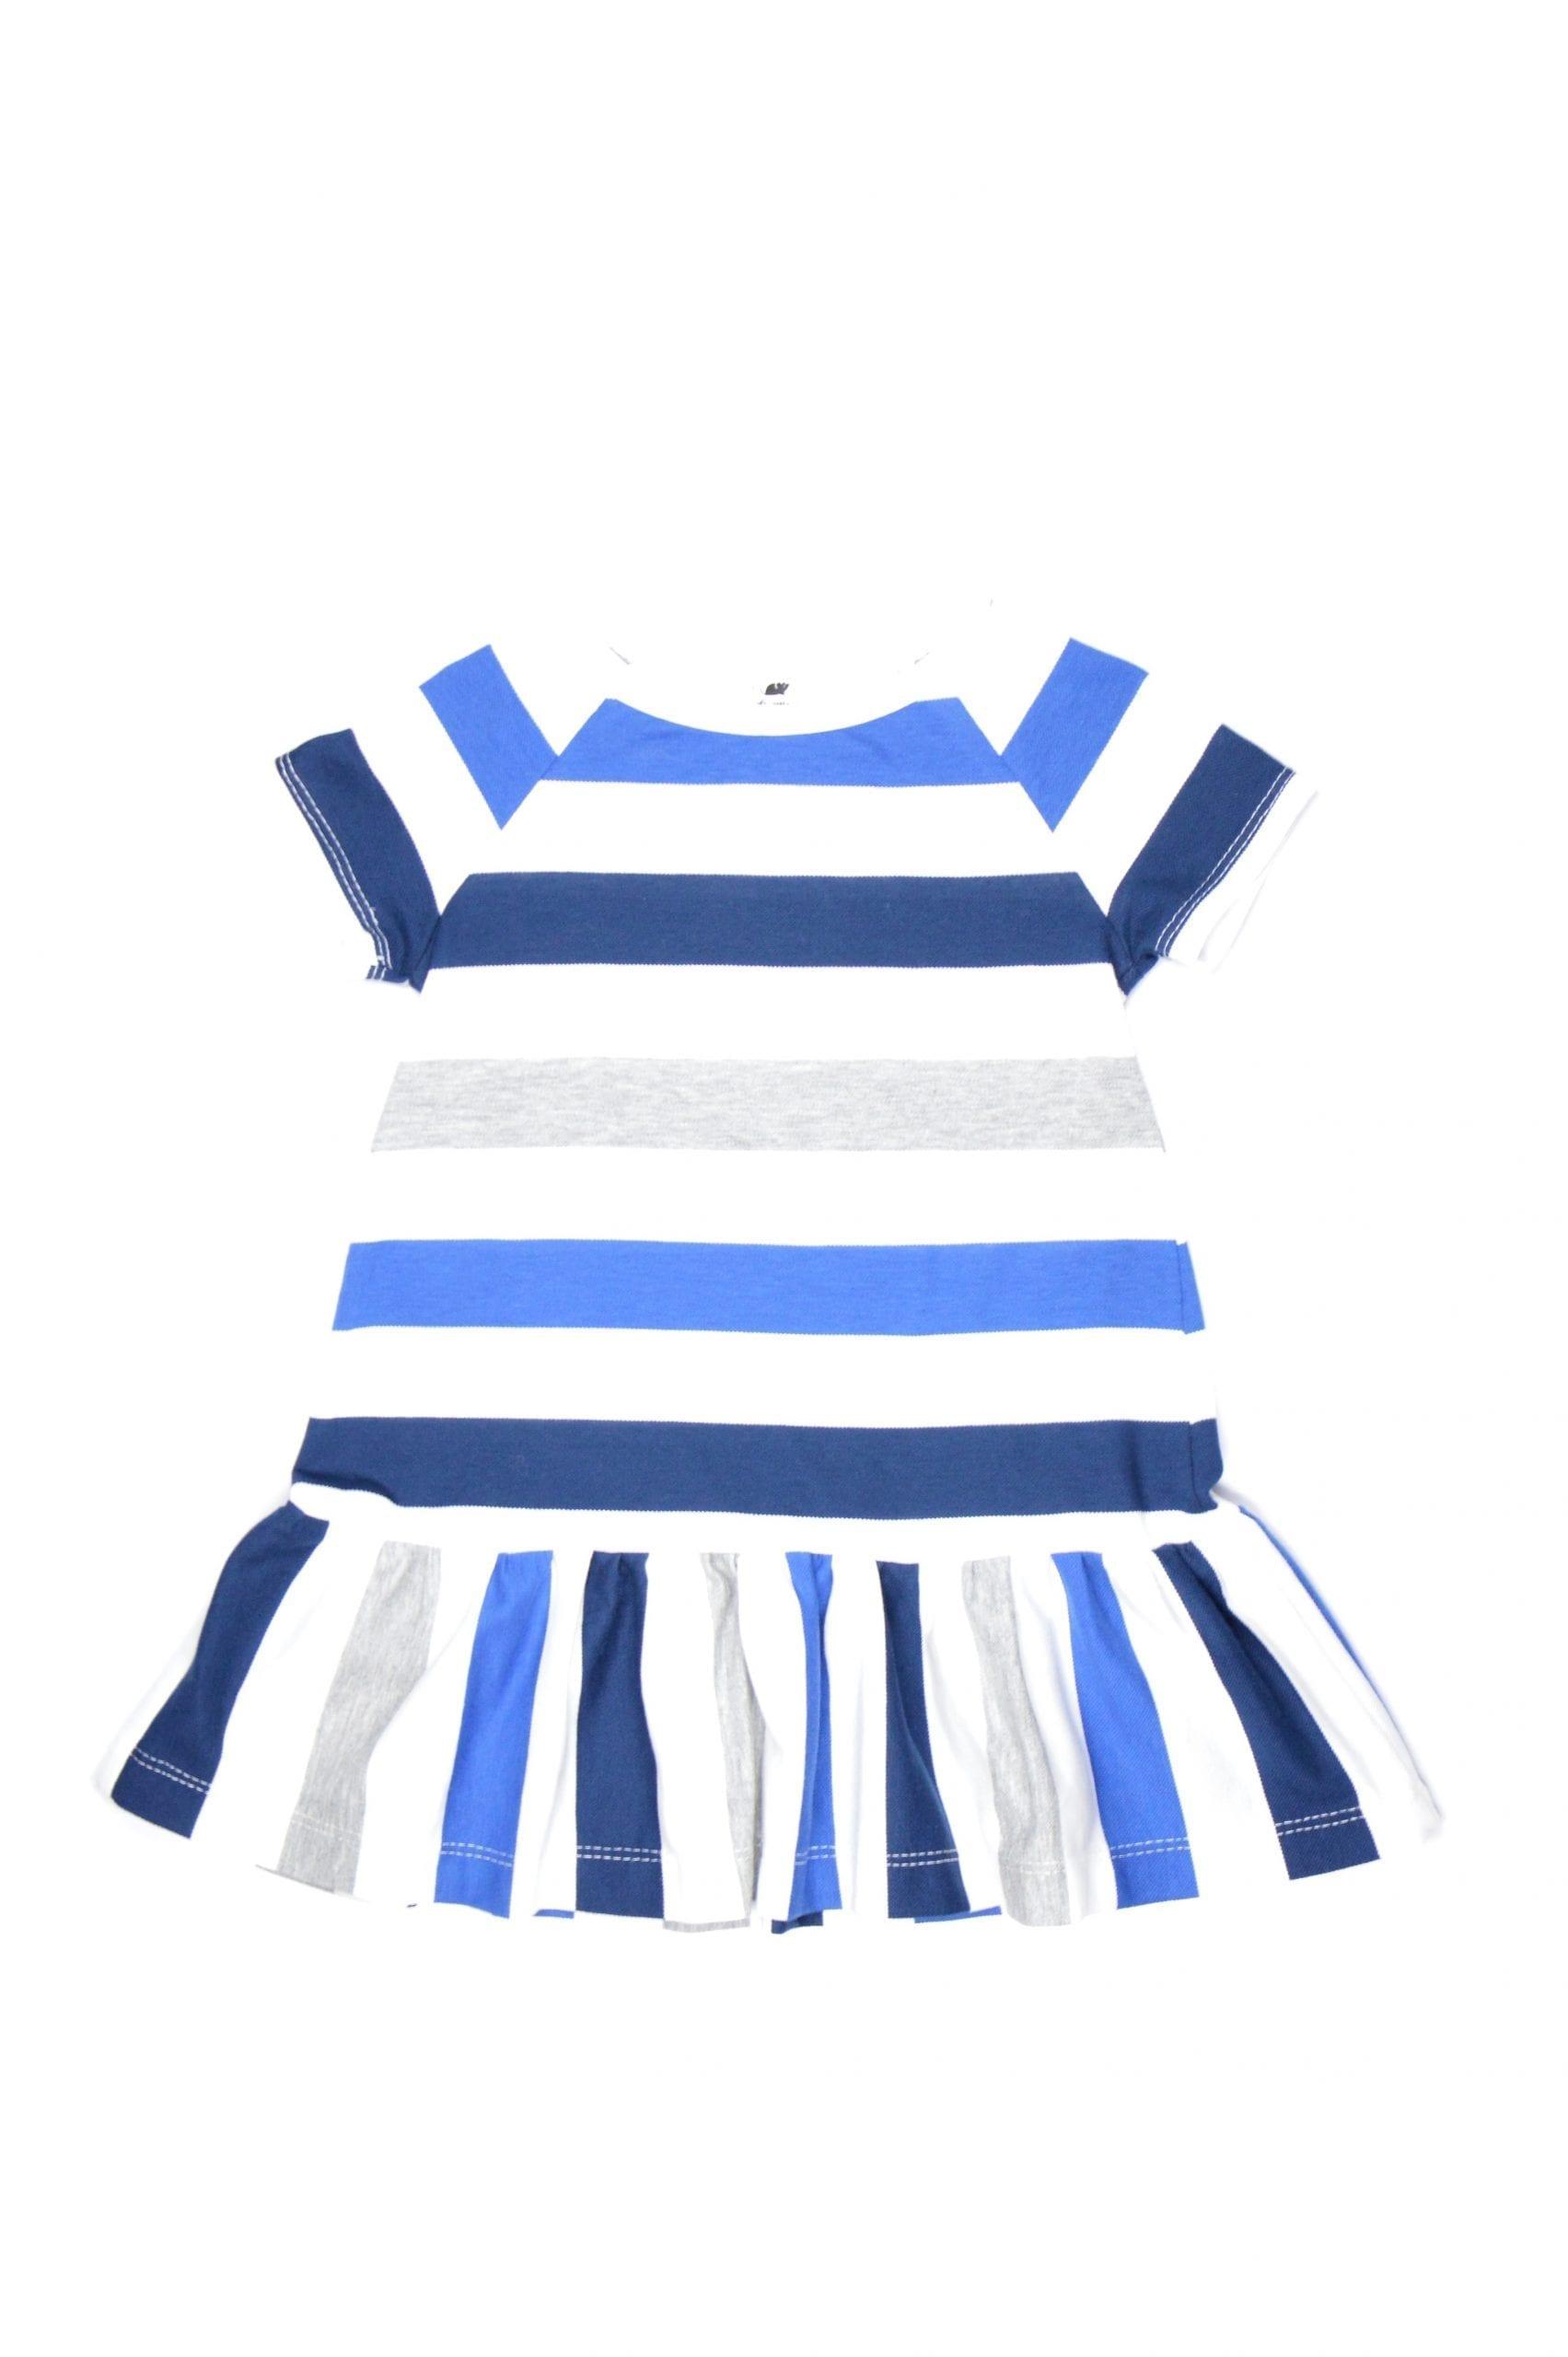 Blue stripe mini ruffle dress for kid, baby, girl, toddler